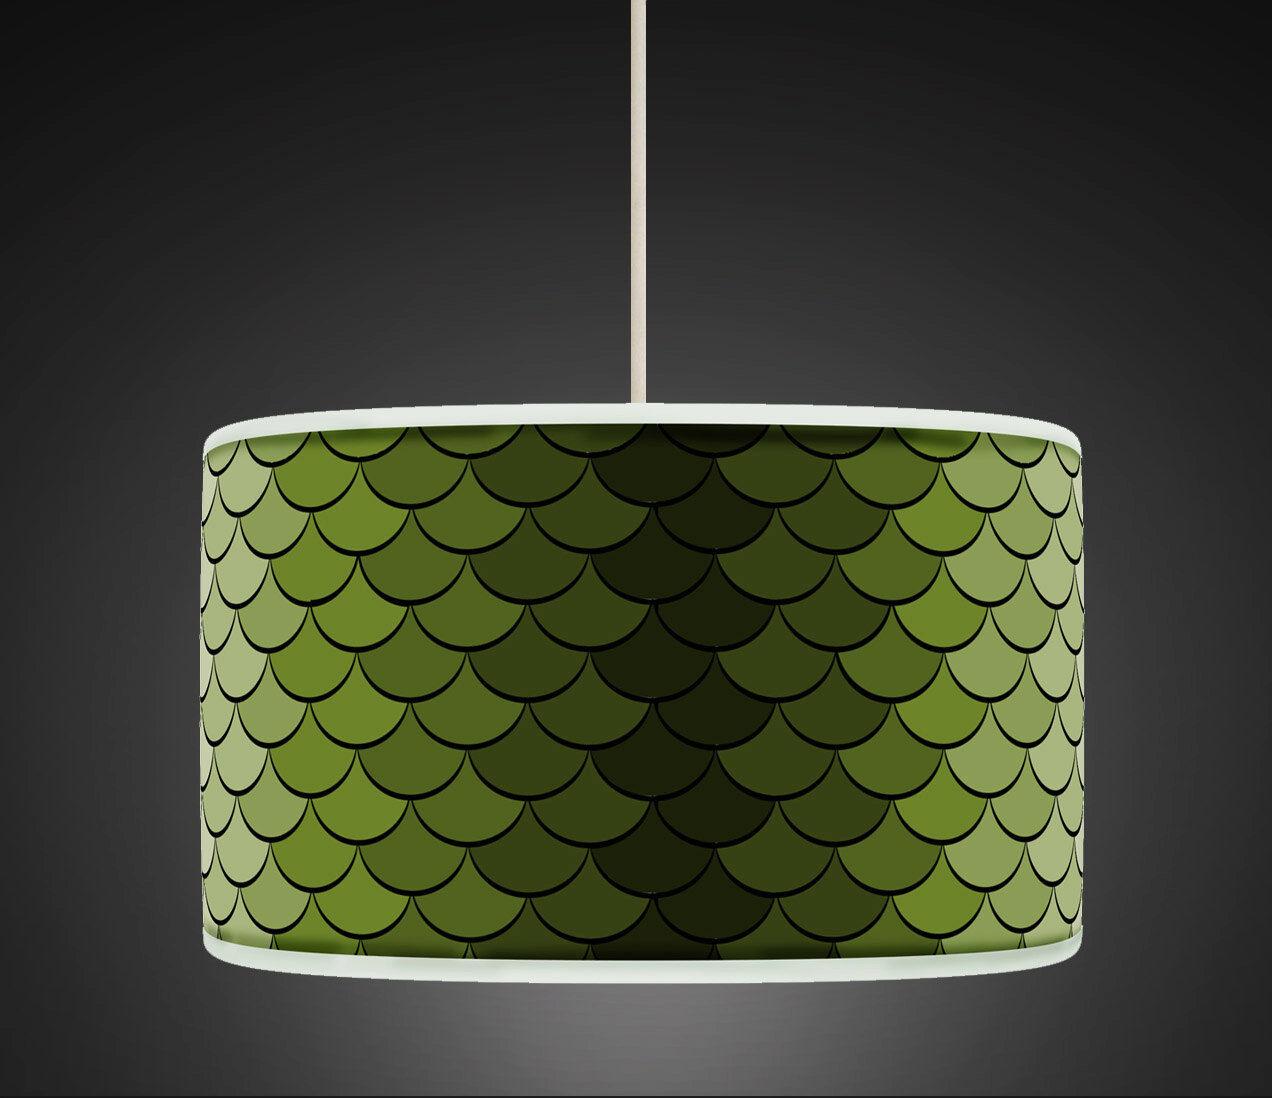 40cm verde Retrò Stile Geometrico fatto a mano mano mano Giclee Tessuto Paralume Ciondolo 458 0674f6